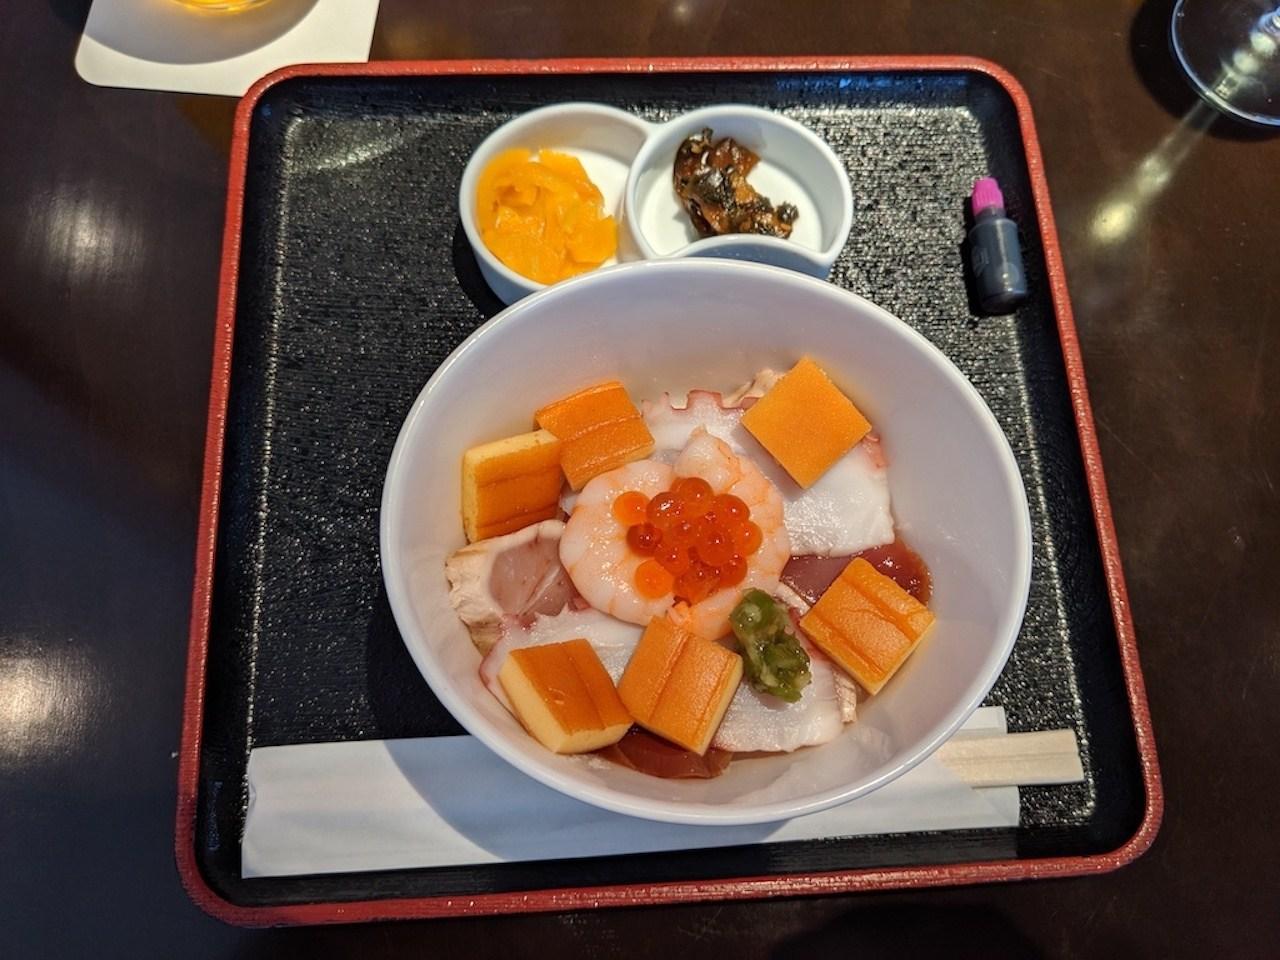 海鮮丼飯,魚生真的不行,蝦子也明顯是冷凍的。唯一比較ok的是章魚